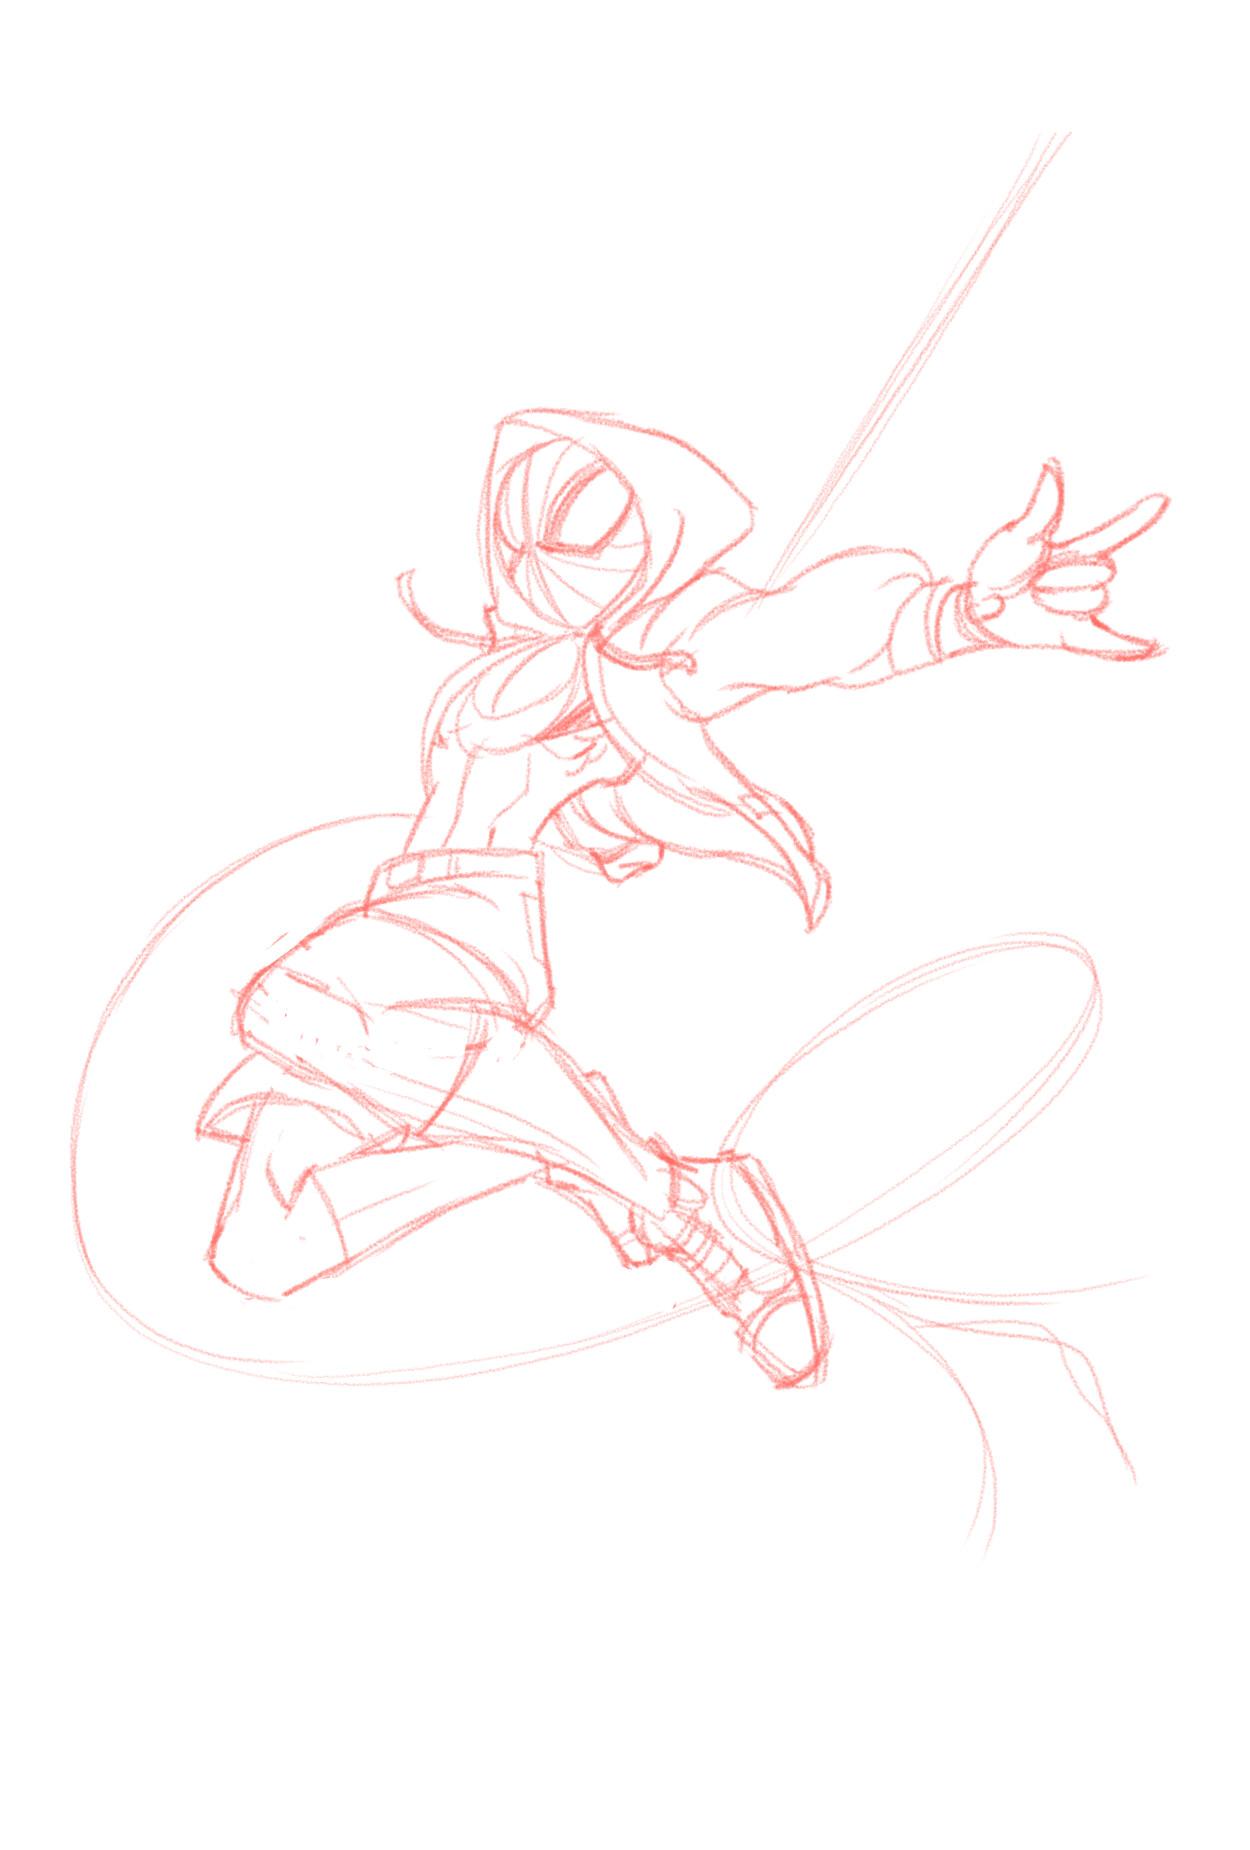 02-Refine sketch